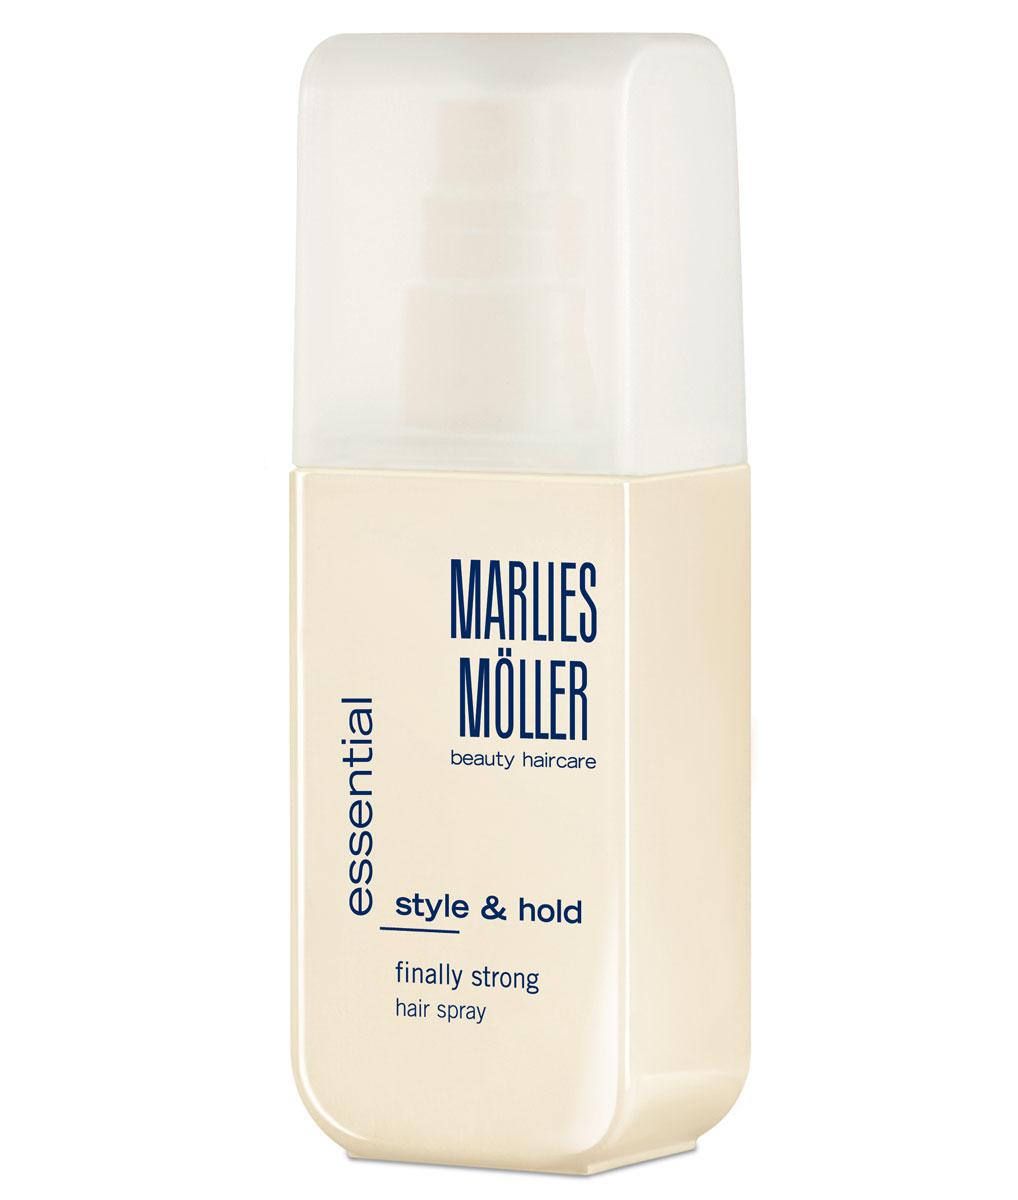 Marlies Moller Лак для волос Styling, сильная фиксация, 125 мл25673MMsЖидкий лак для волос Marlies Moller Styling придает блеск и обеспечивает сильную фиксацию. Не склеивает волосы и полностью удаляется при расчесывании. Применение : завершая укладку, нанесите лак, держа флакон на расстоянии 20-30 см. Характеристики: Объем: 125 мл. Артикул: 25673MMs. Производитель: Швейцария. Товар сертифицирован.